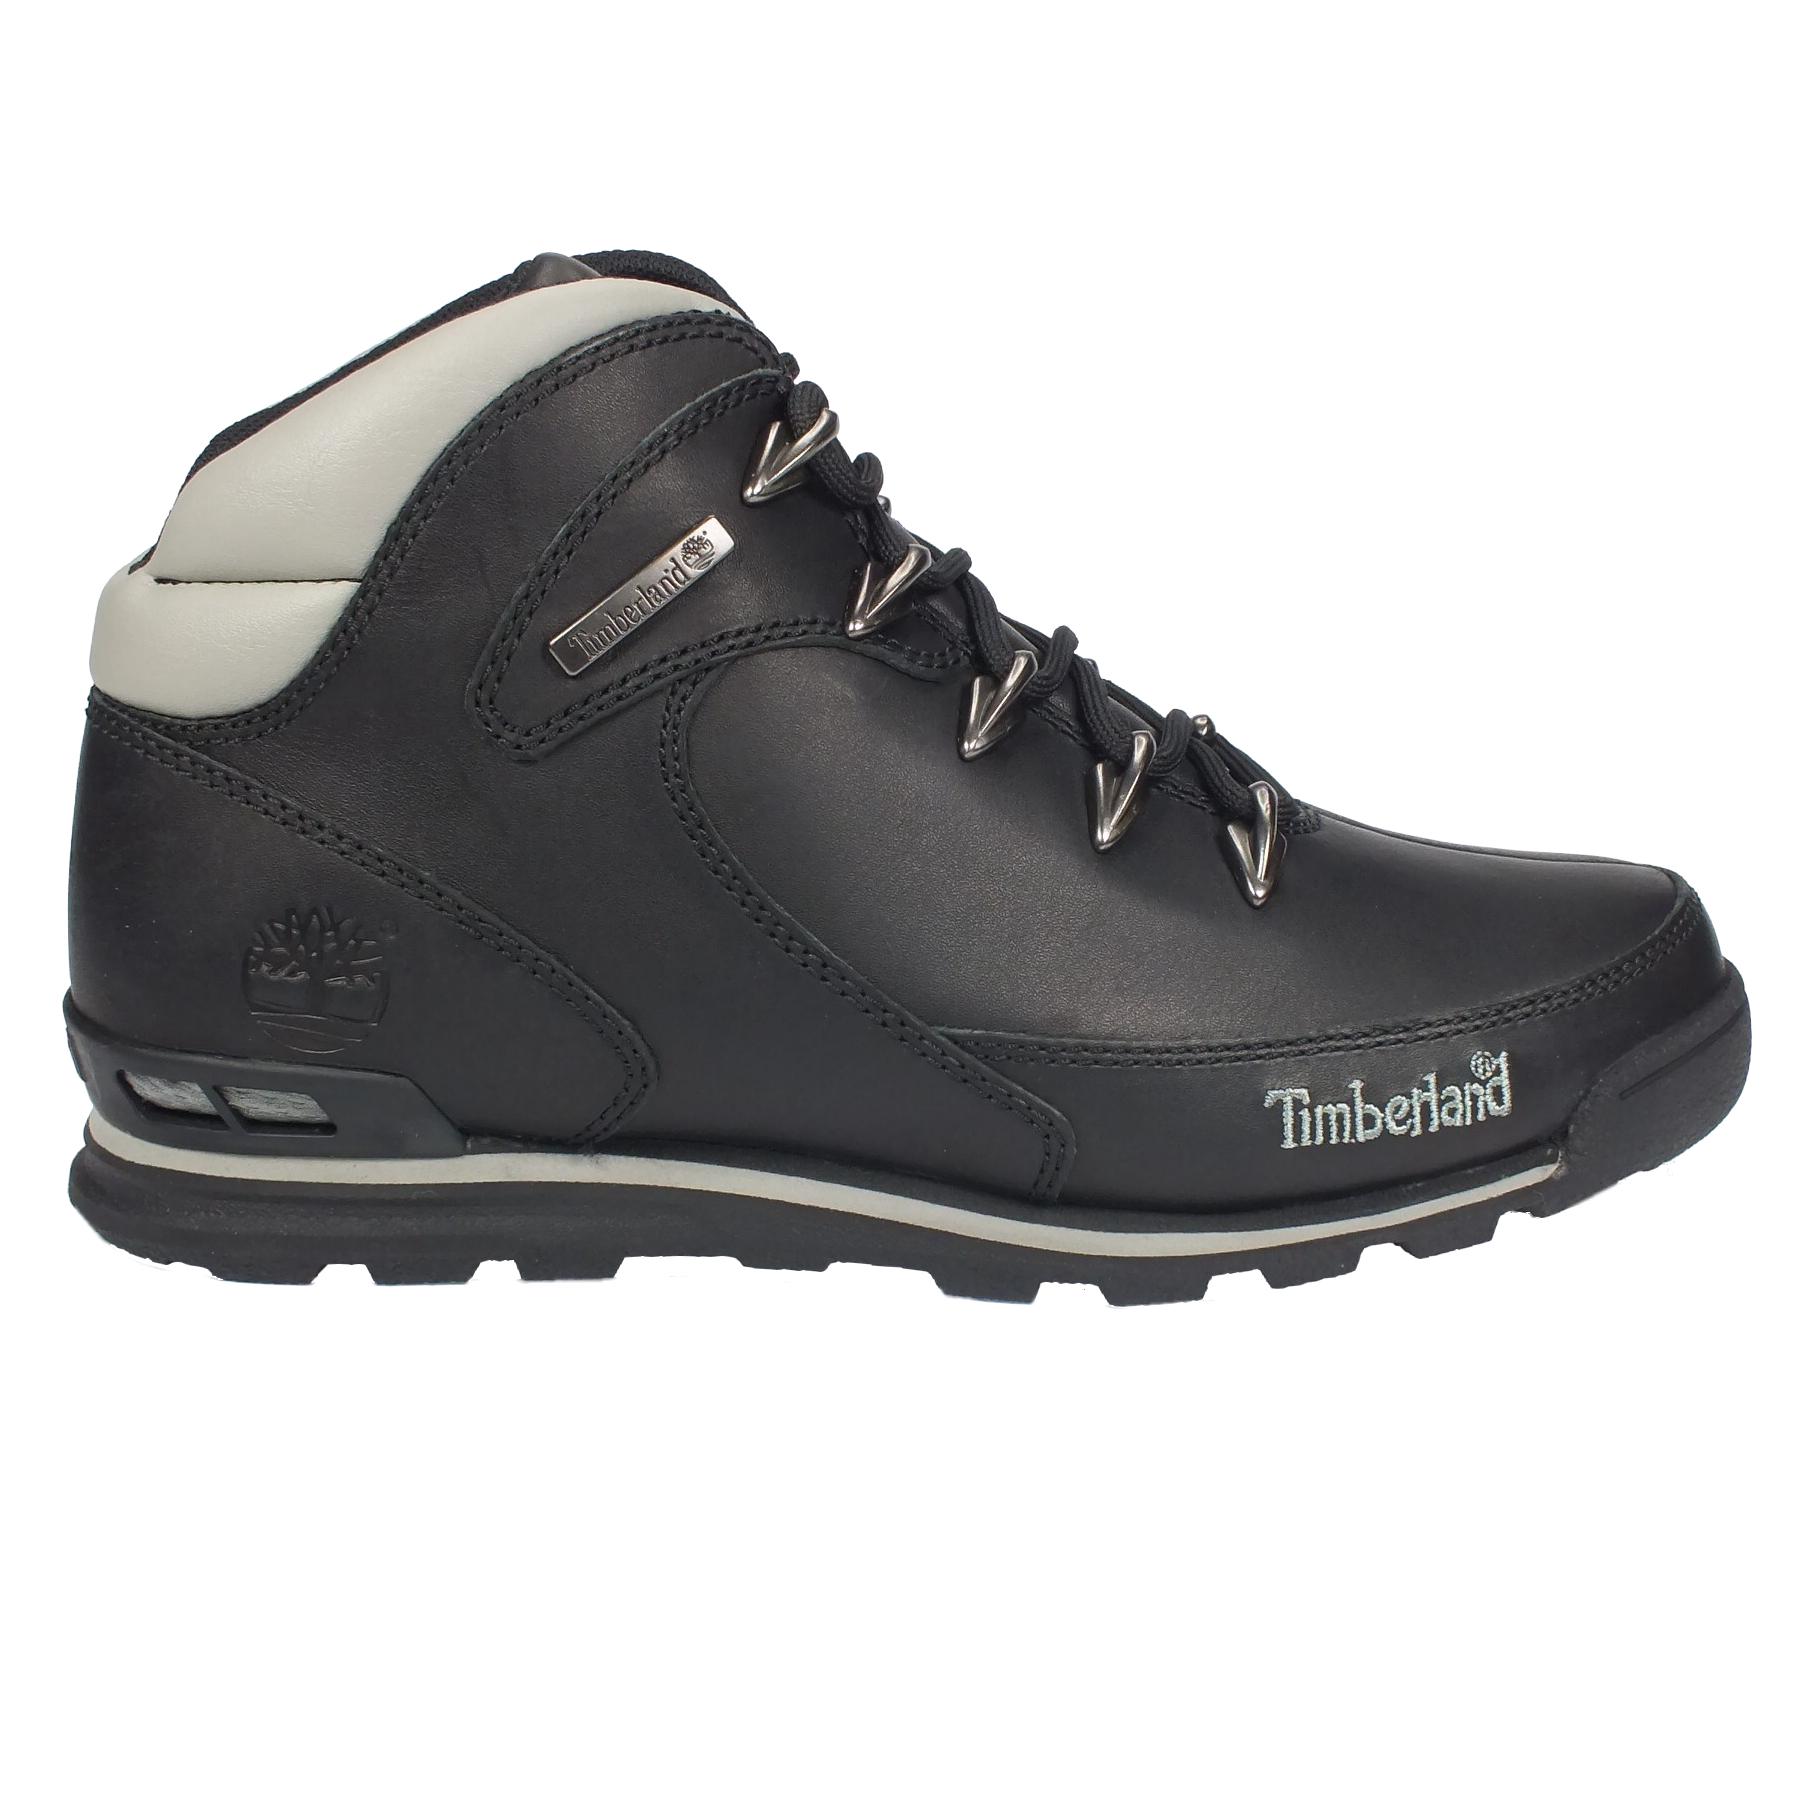 Timberland-EarthKeepers-Euro-Rock-Hiker-Schuhe-Winterstiefel-Boots-Herren